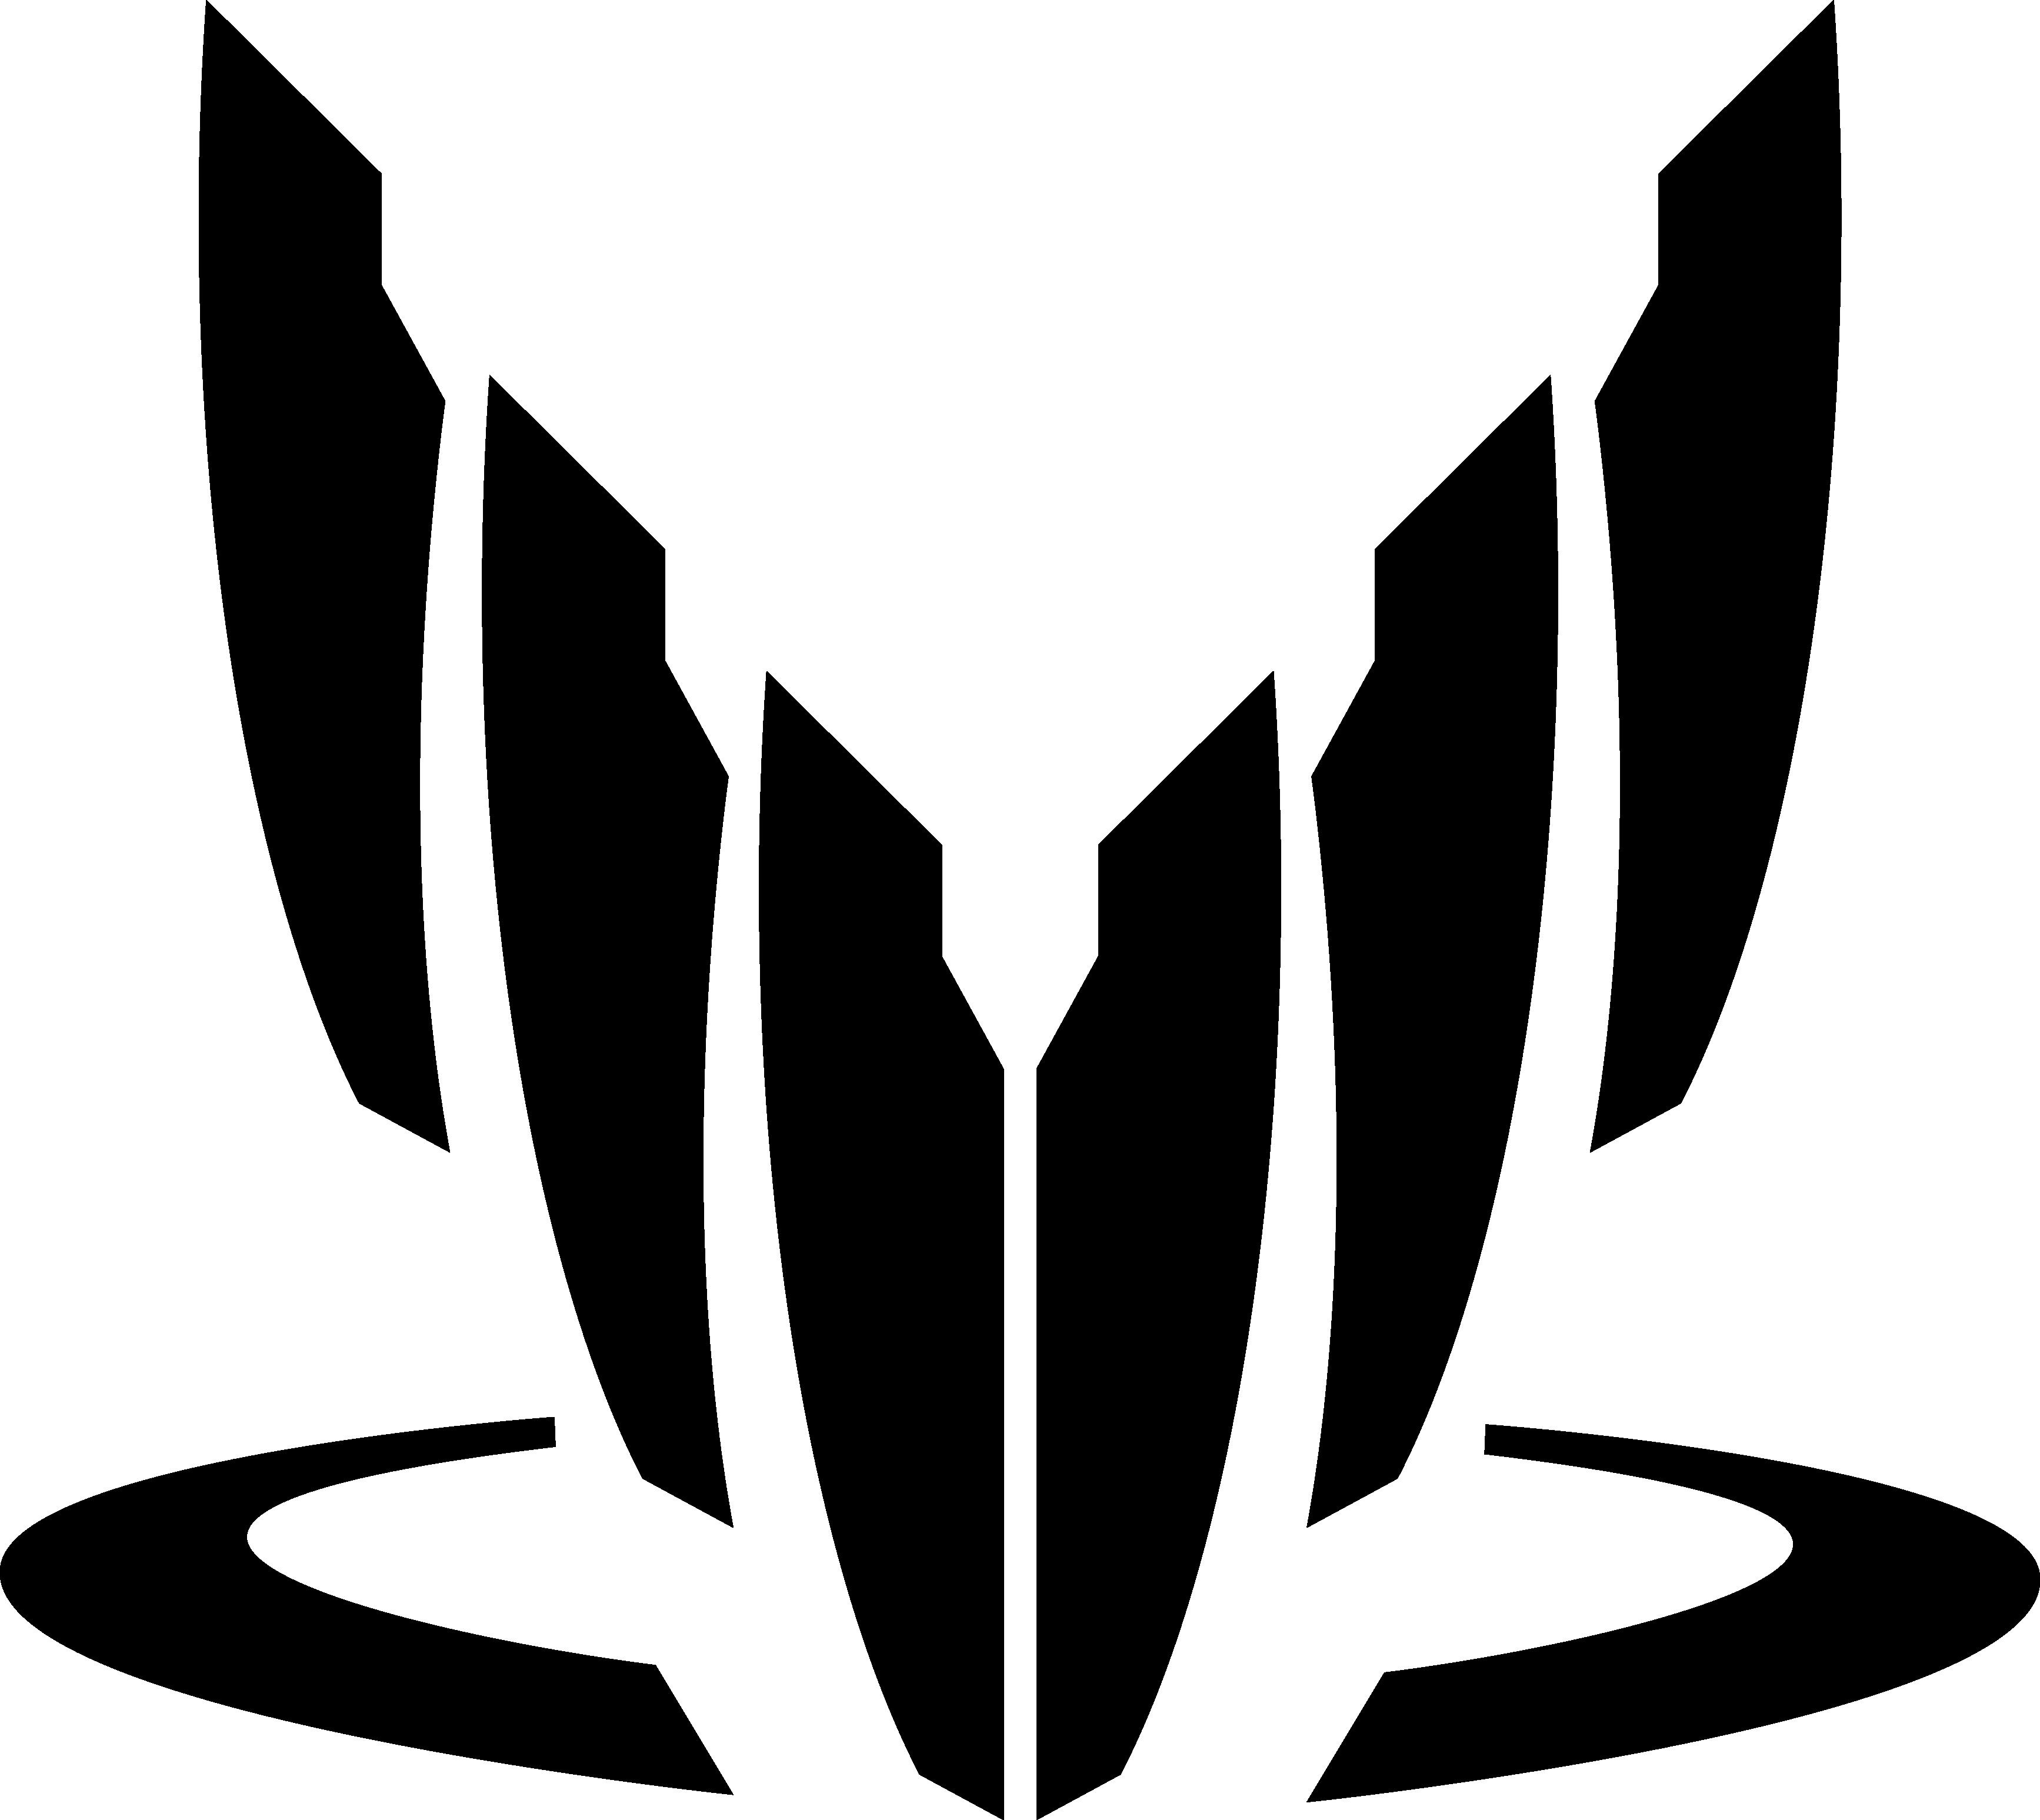 Mass Effect Clipart-Clipartlook.com-3468-Mass Effect Clipart-Clipartlook.com-3468-20